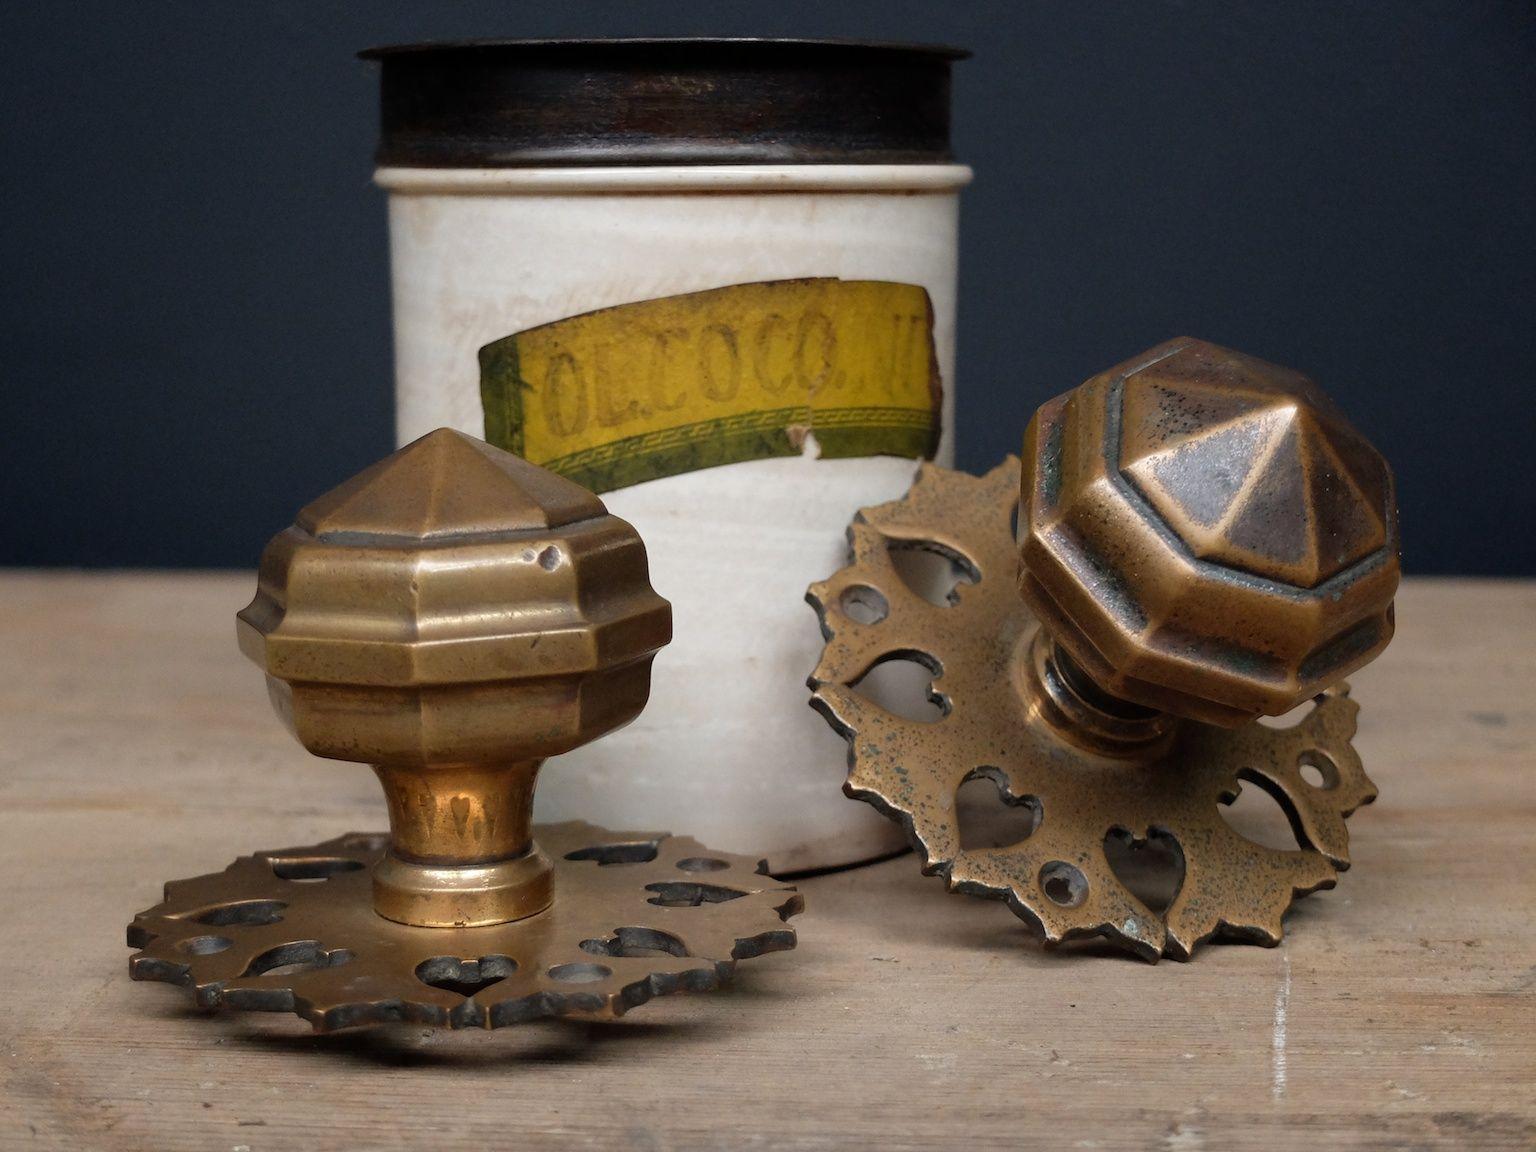 Gothic bronze door handles 1920s set of 2 for sale at pamono for 1920s door handles